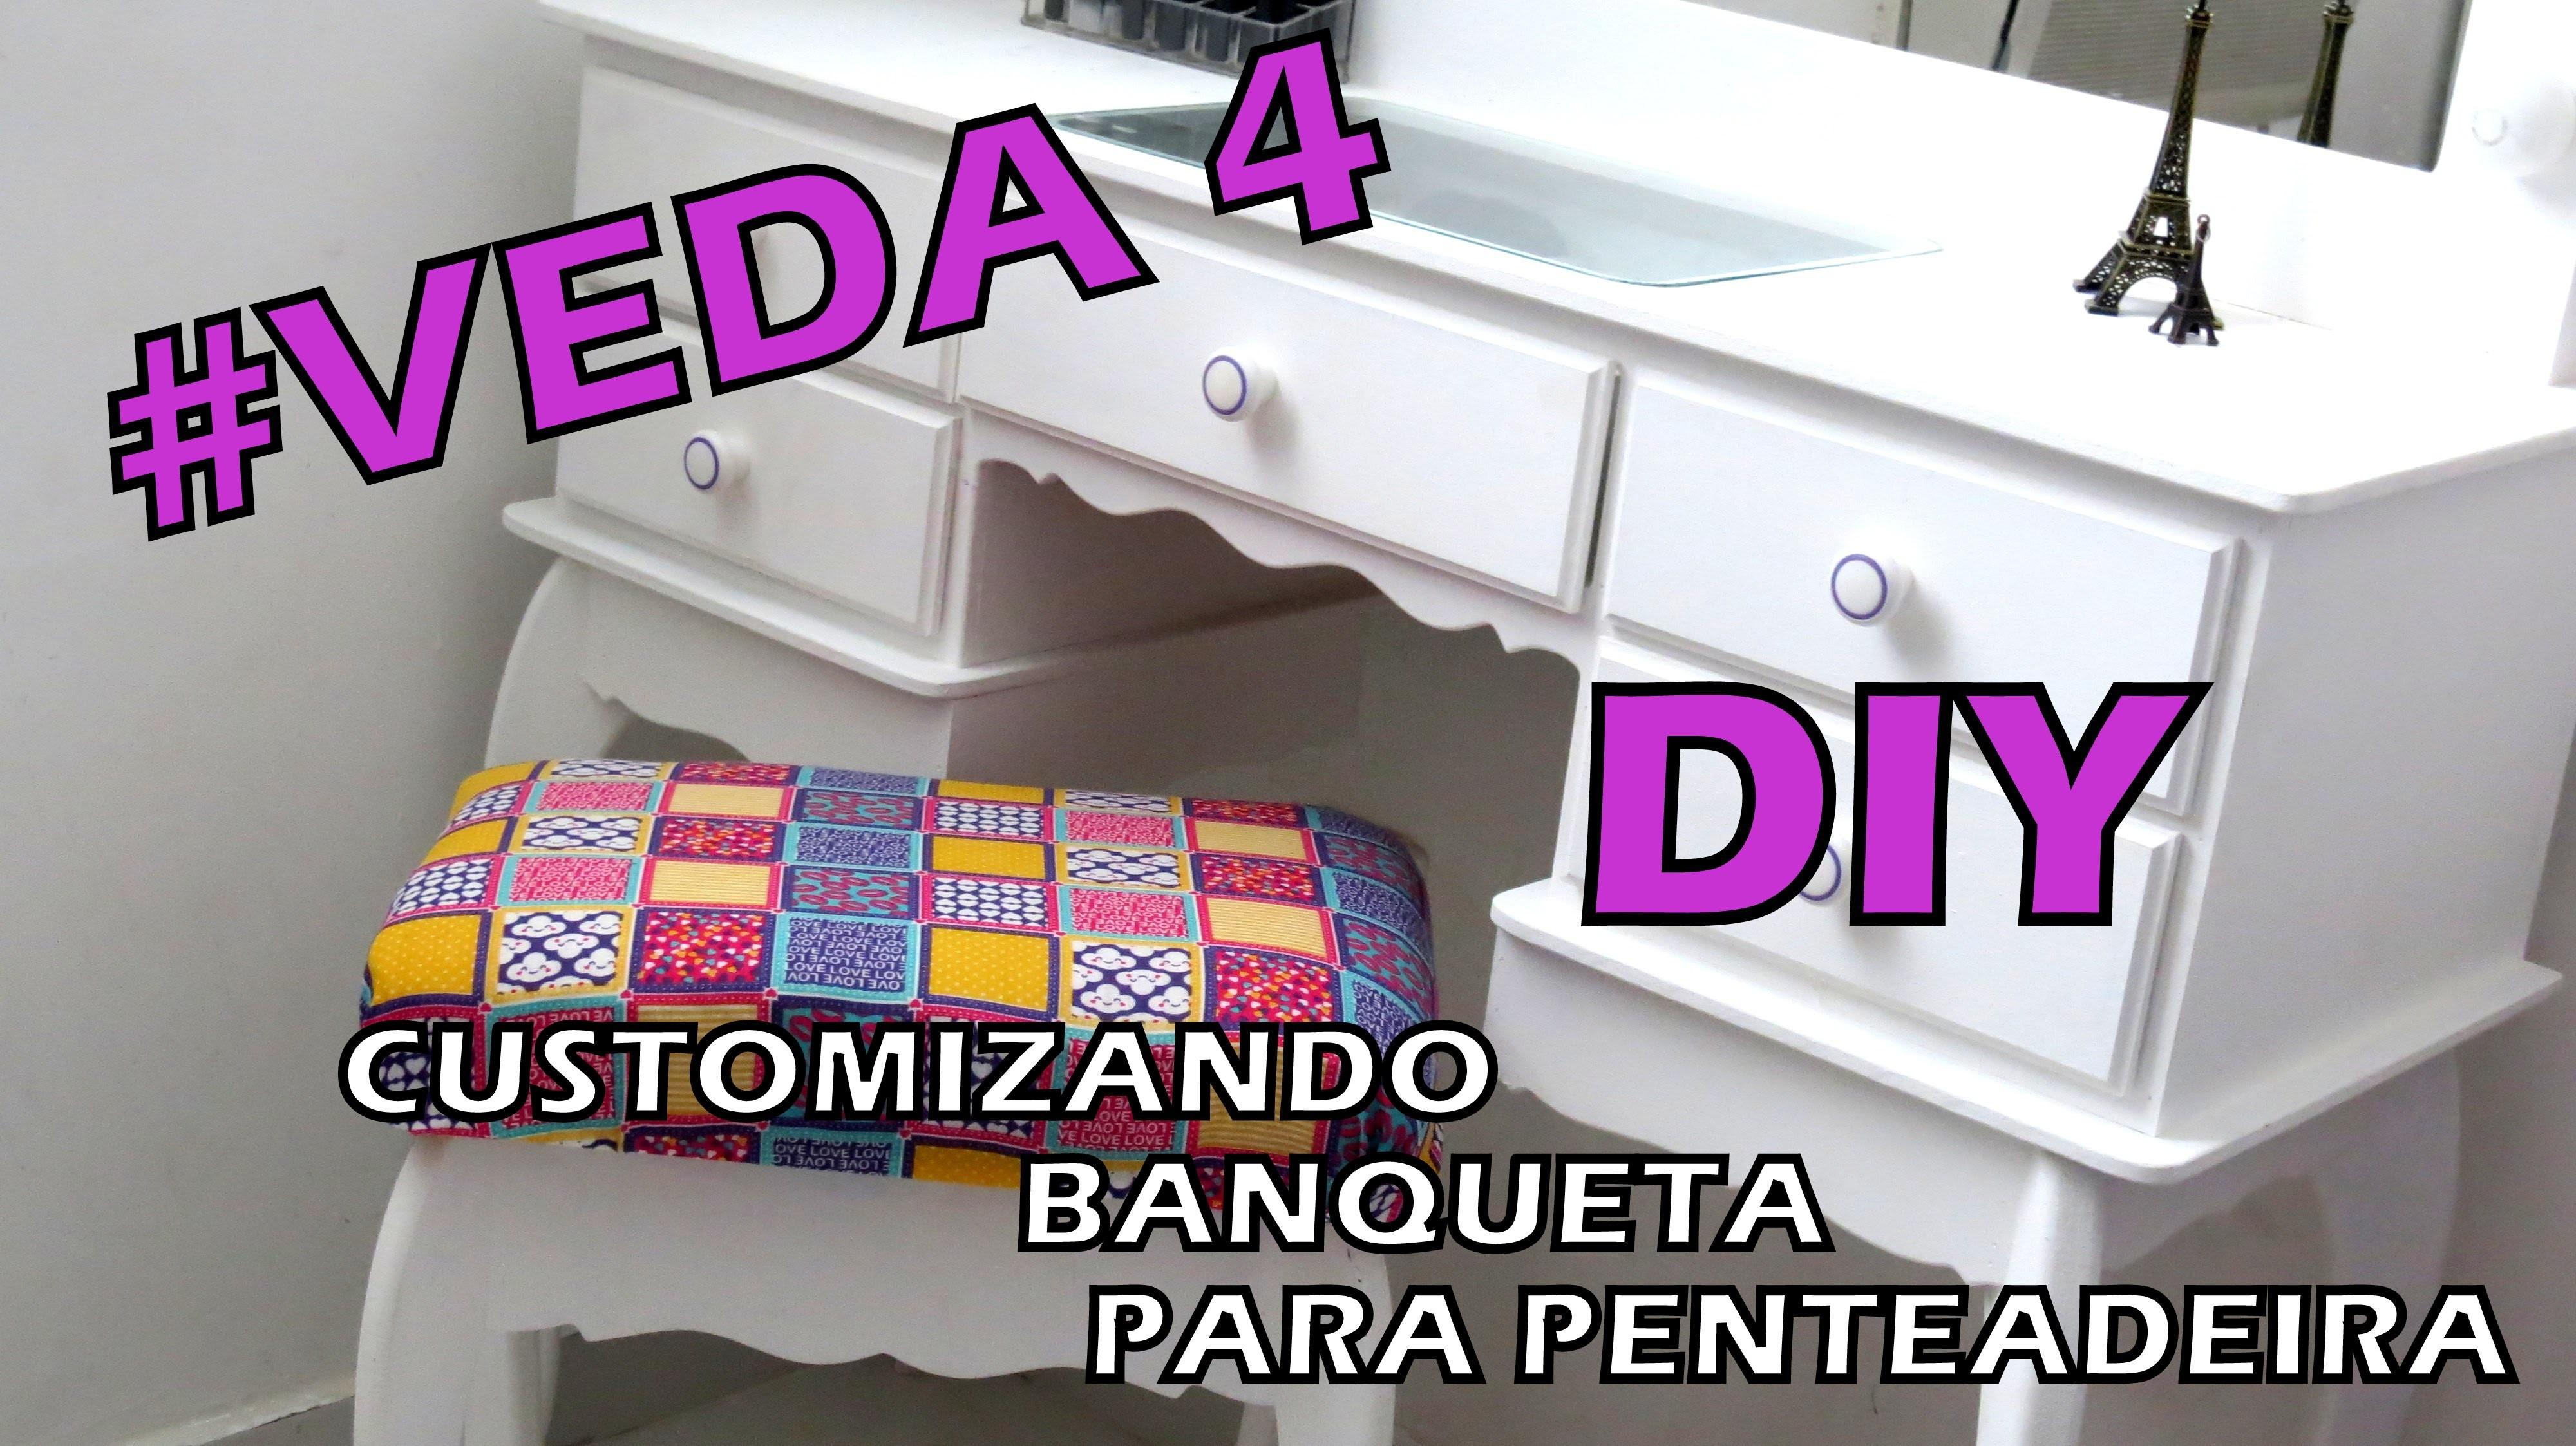 DIY - CUSTOMIZANDO BANQUETA PARA PENTEADEIRA #VEDA 4